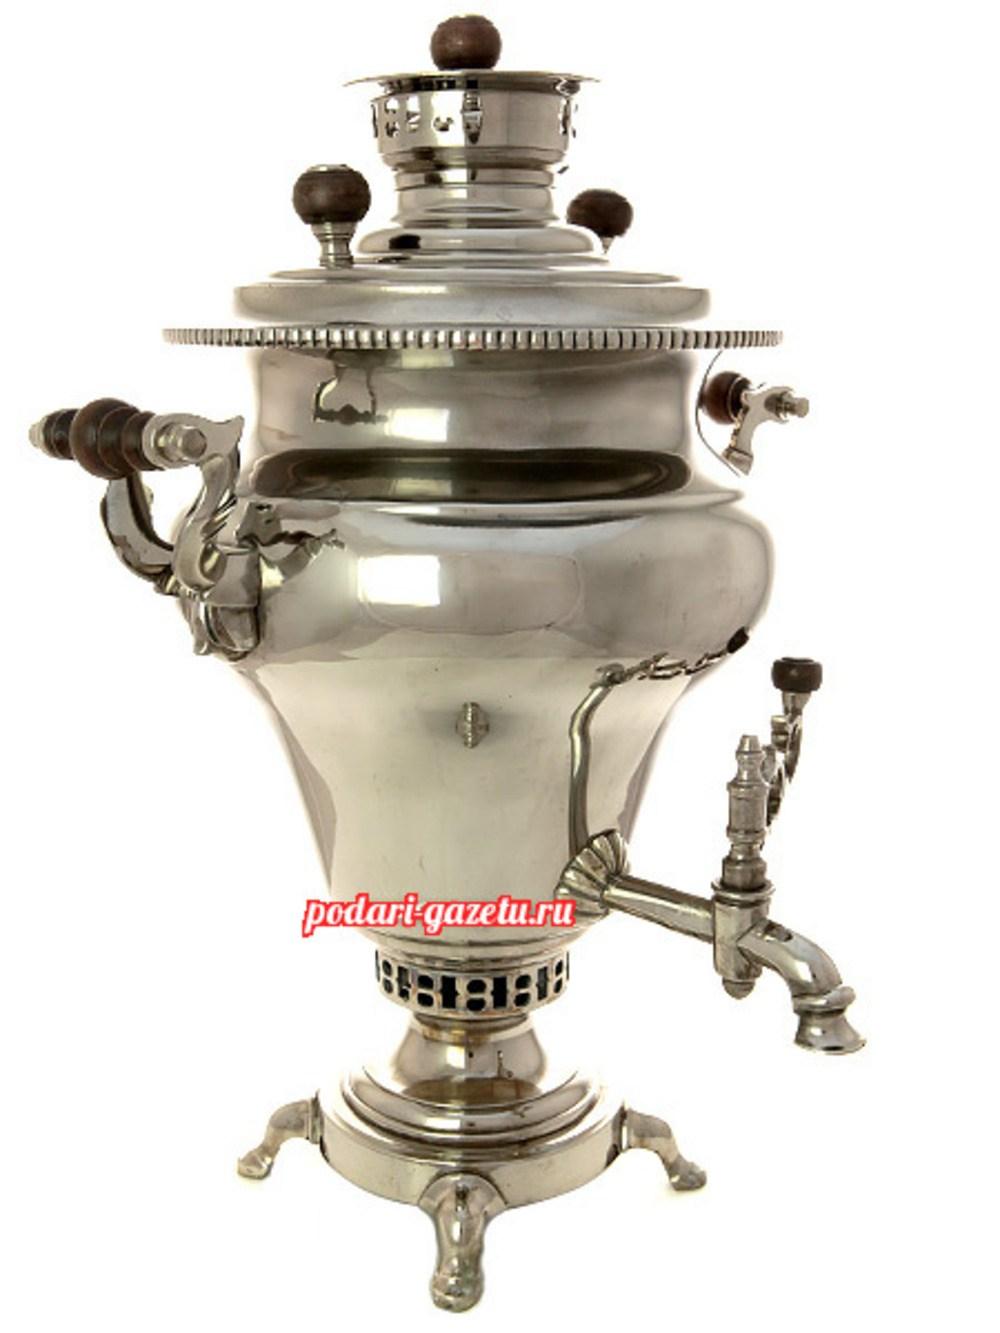 Угольный самовар (жаровой, дровяной) (5 литров) груша никелированный